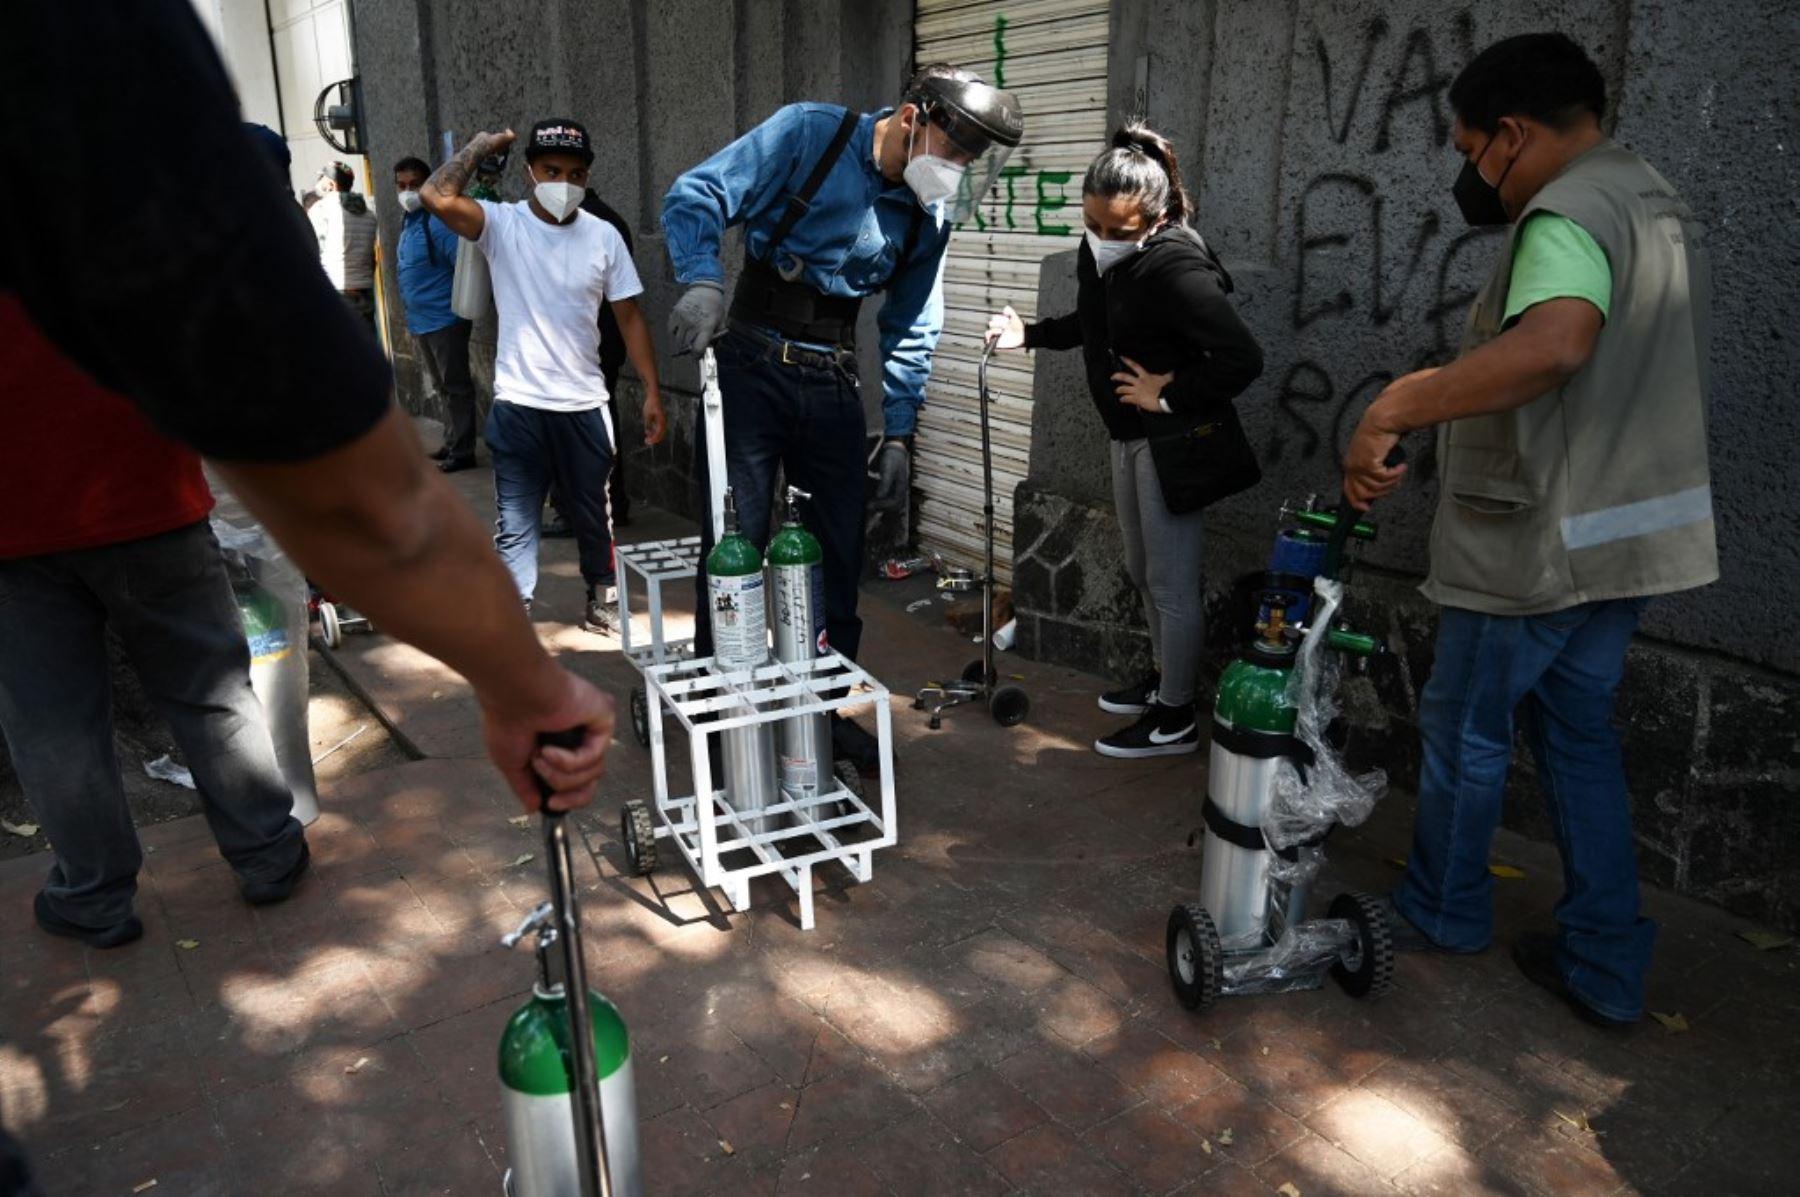 Un empleado de la Compañía Infra Medica entrega tanques de oxígeno rellenados a personas en una cola en la Ciudad de México. Foto: AFP